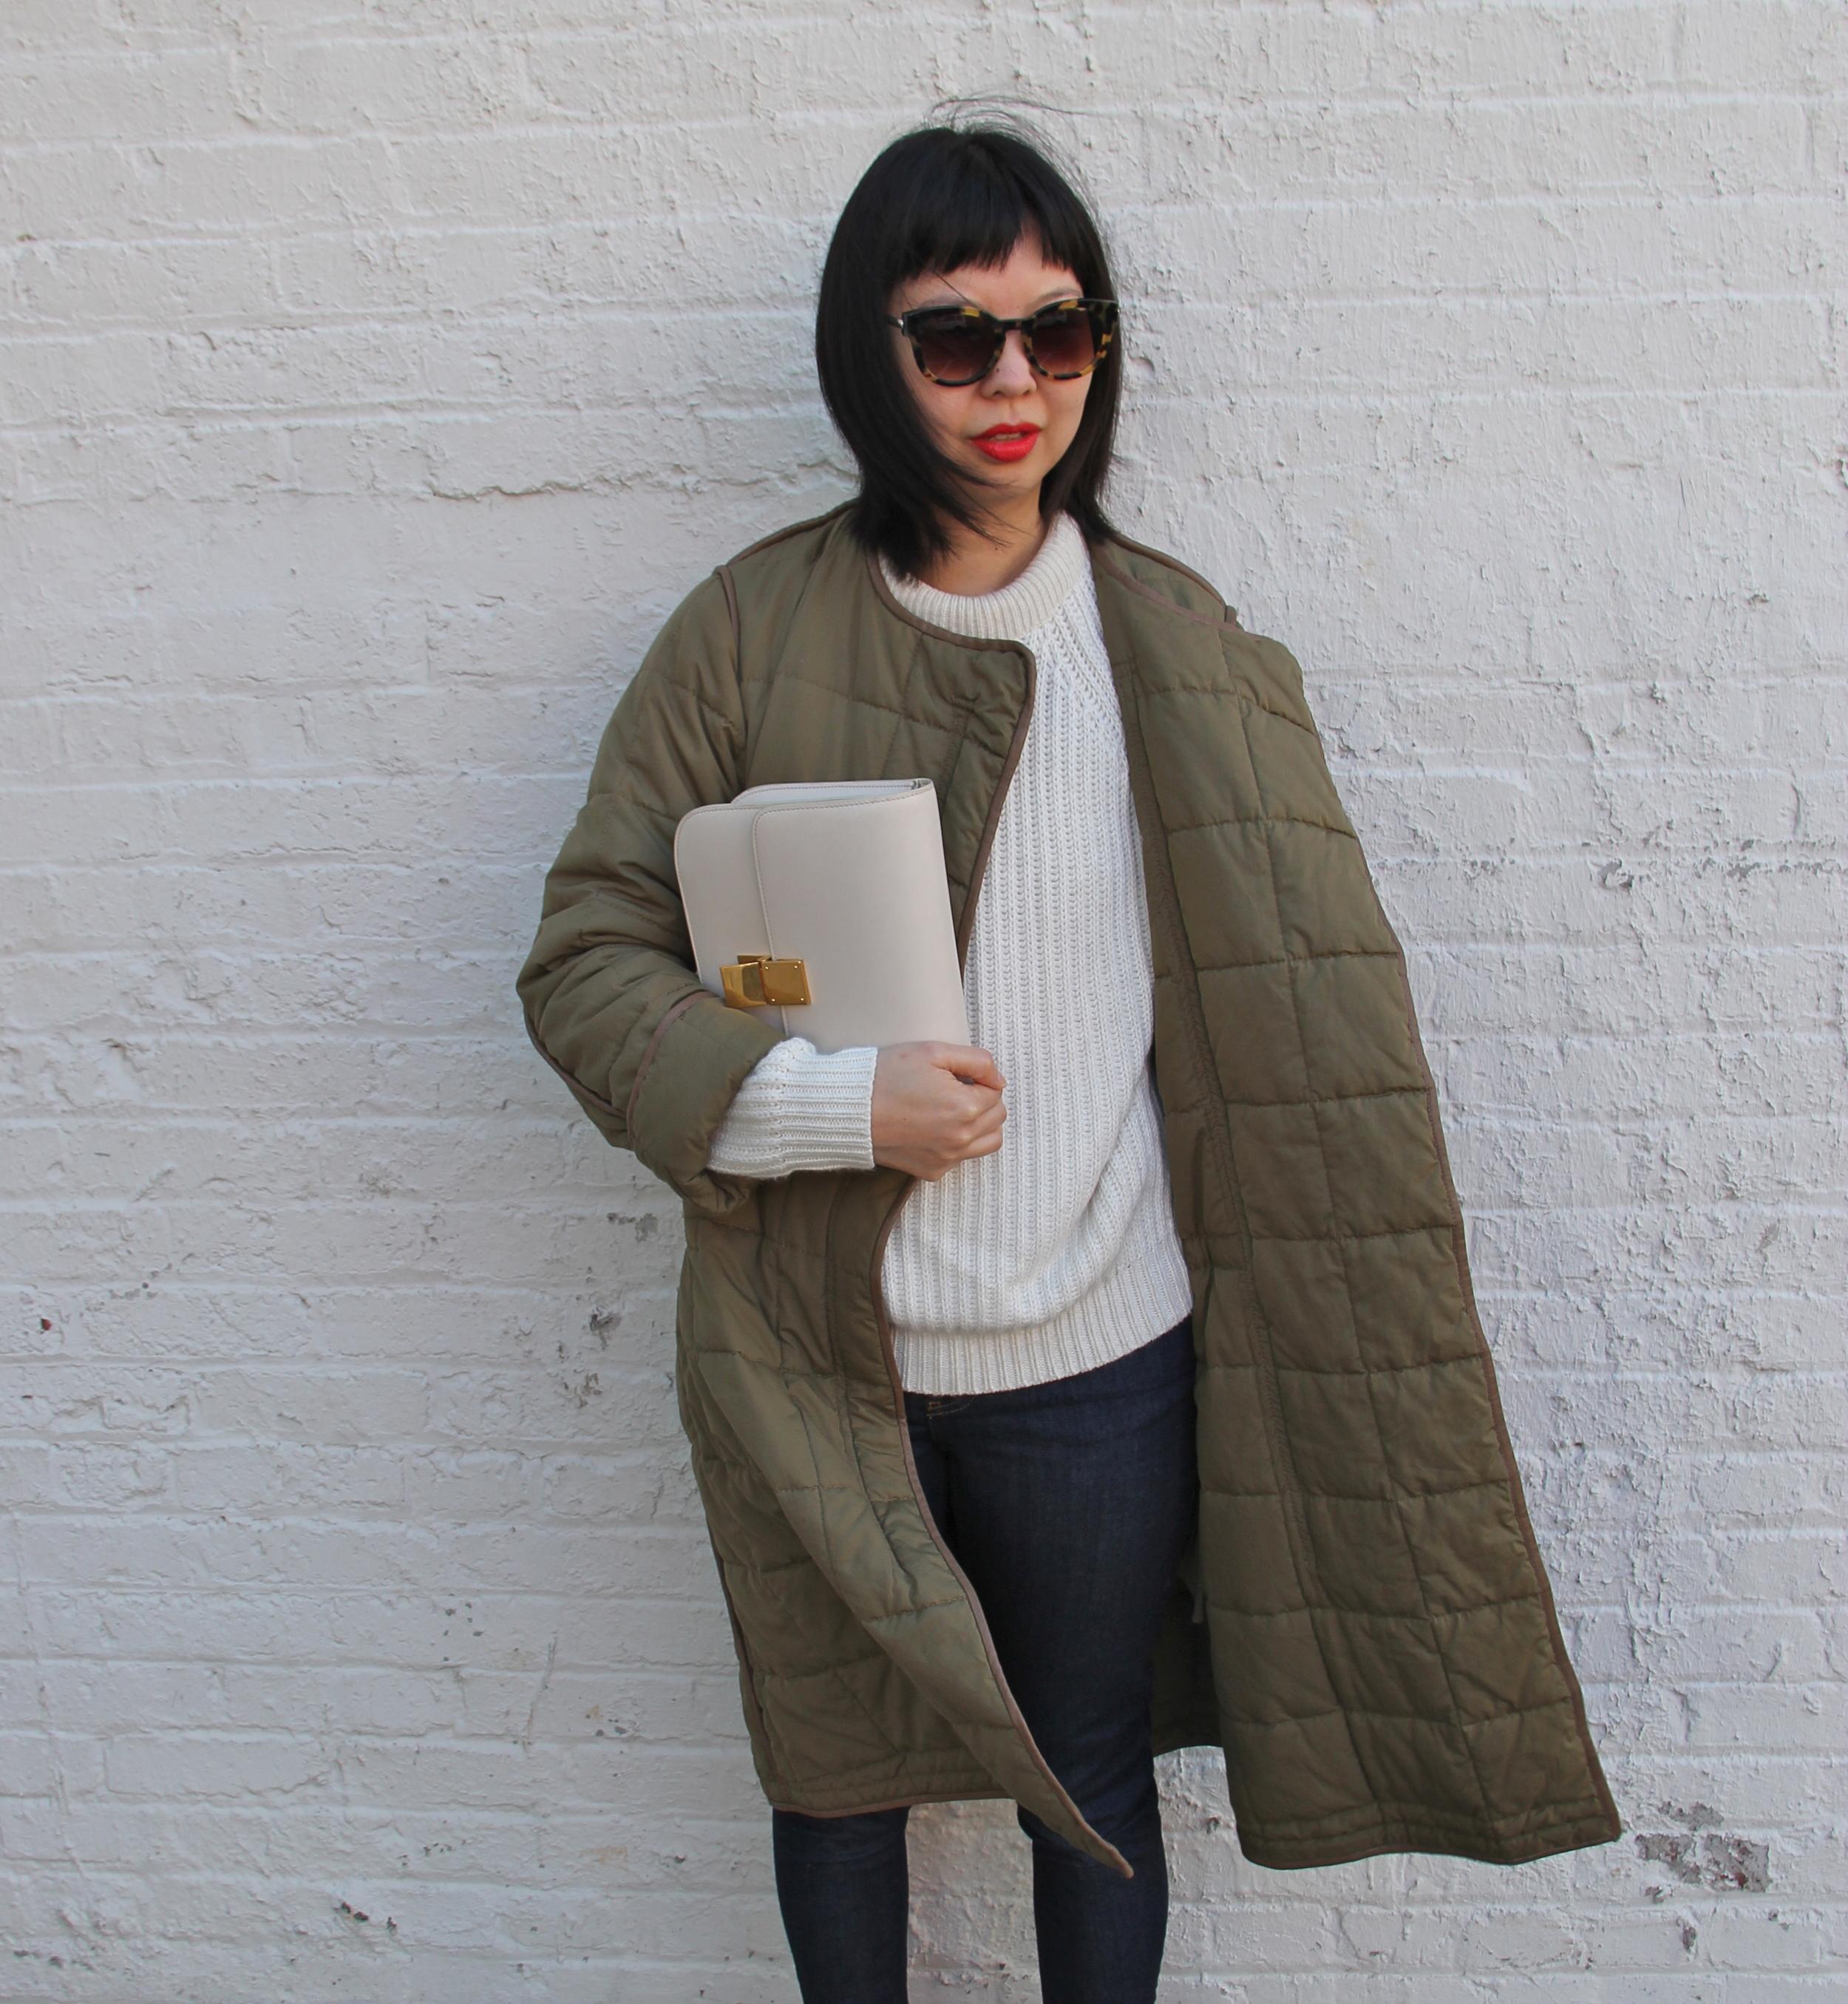 399f5a0cd0e9 ... ivory celine box bag and Zara sweater